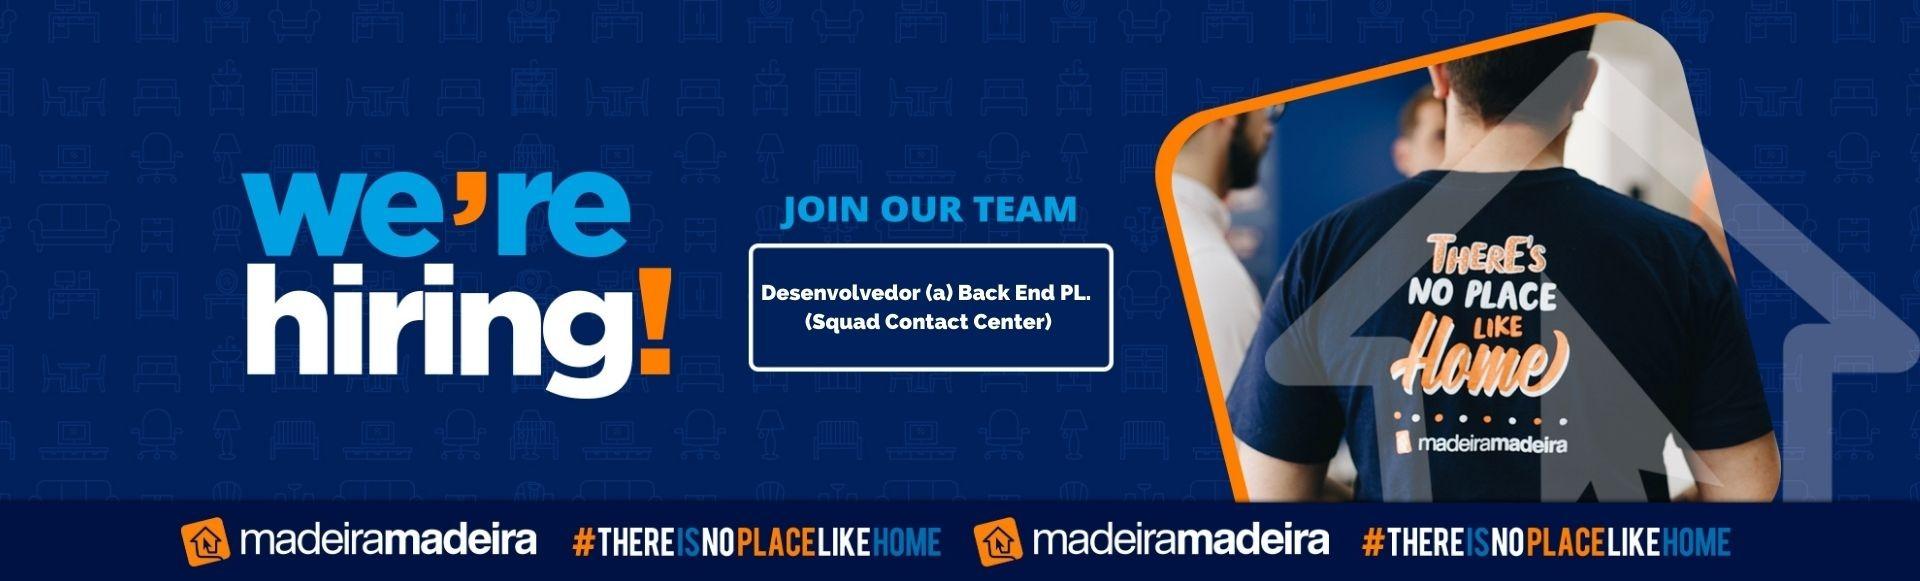 Desenvolvedor (a) Back End PL (Squad Contact Center)